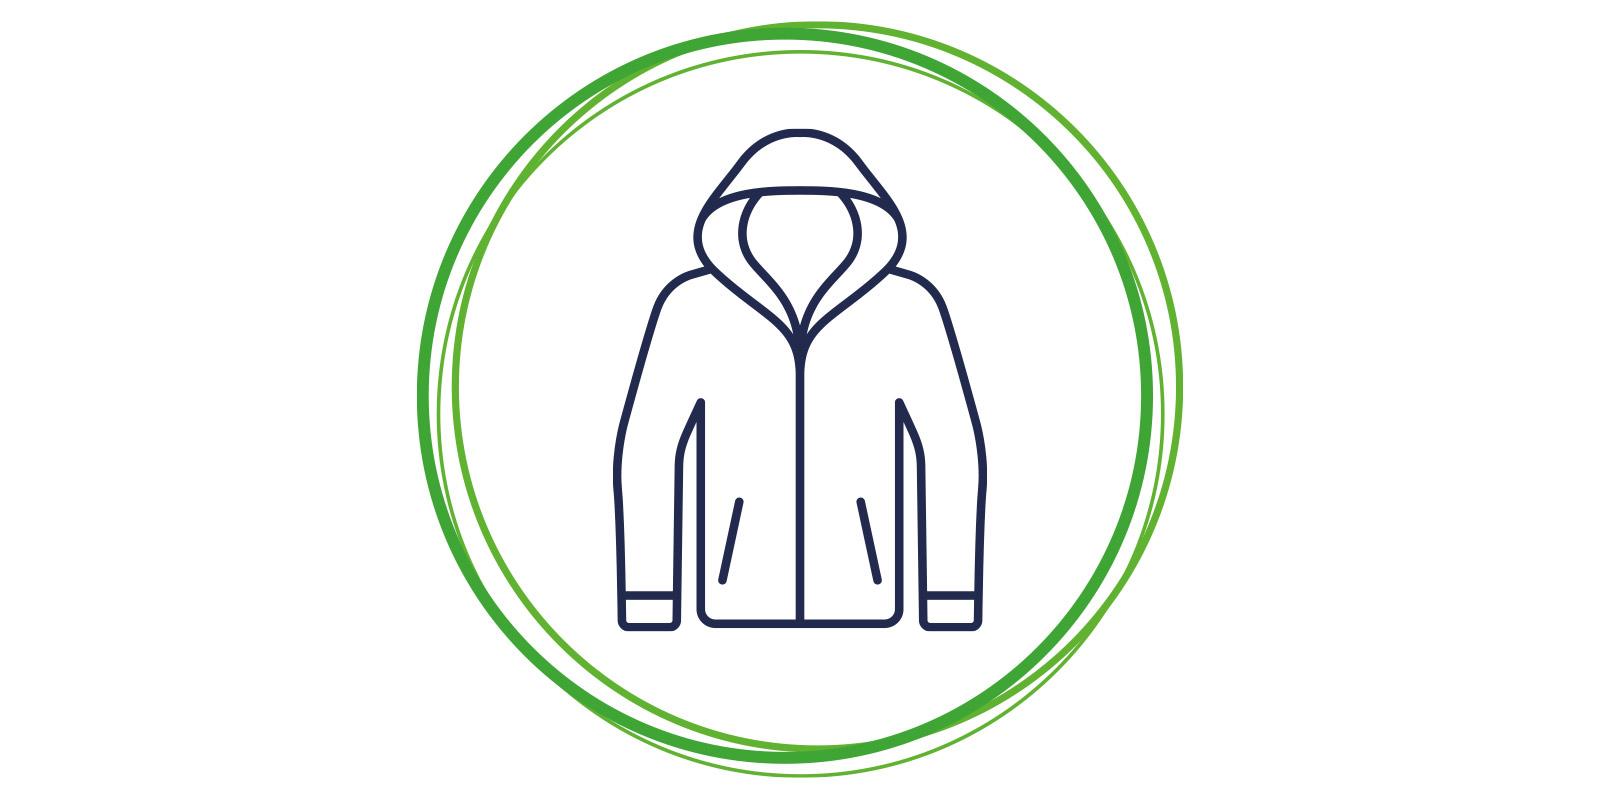 Da- Sweater / Hoodies / Zipper